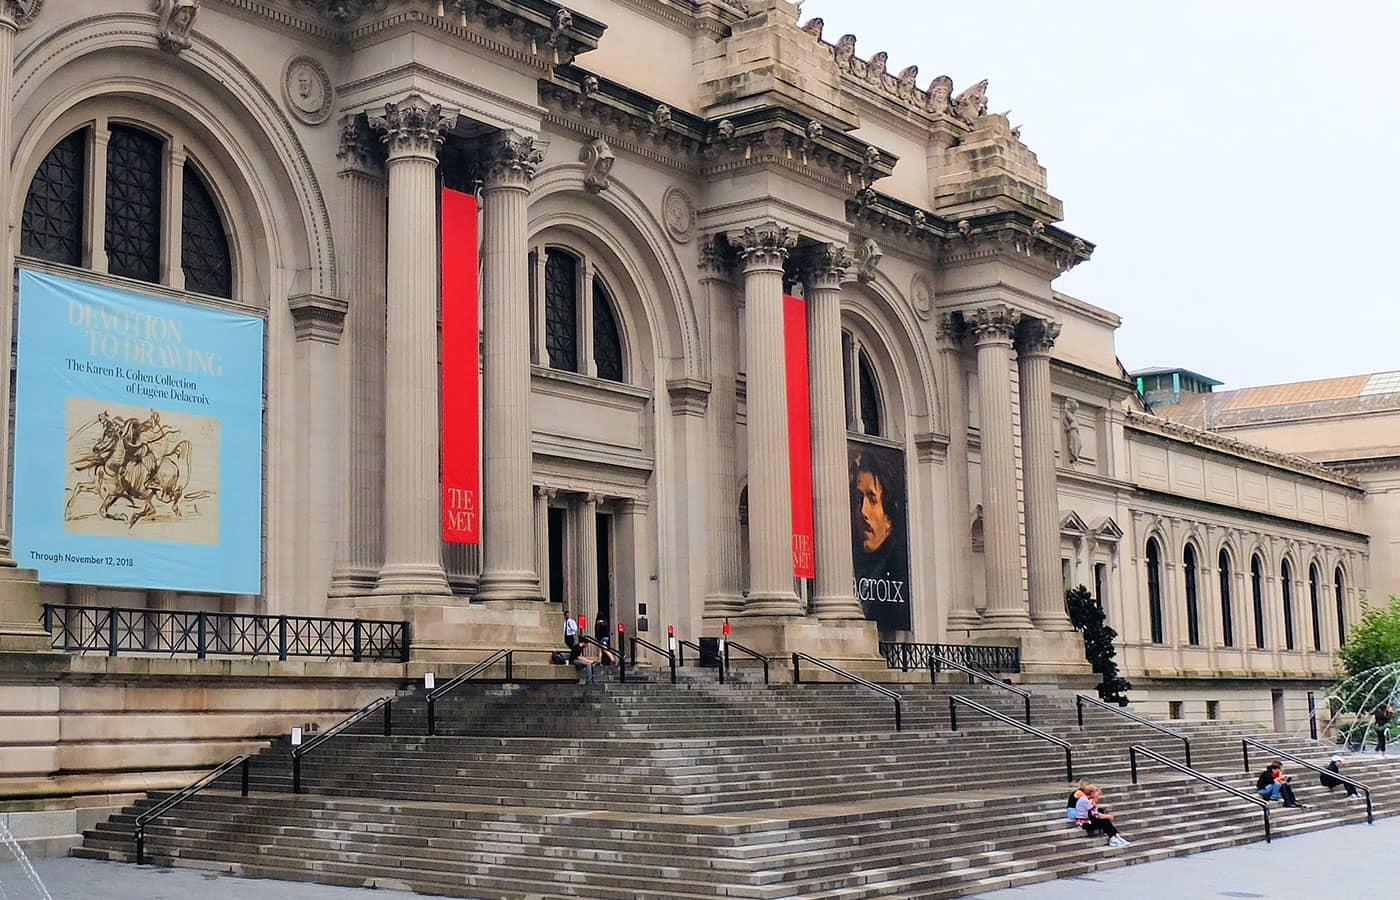 Gossip Girl Tour - Steps of The Met